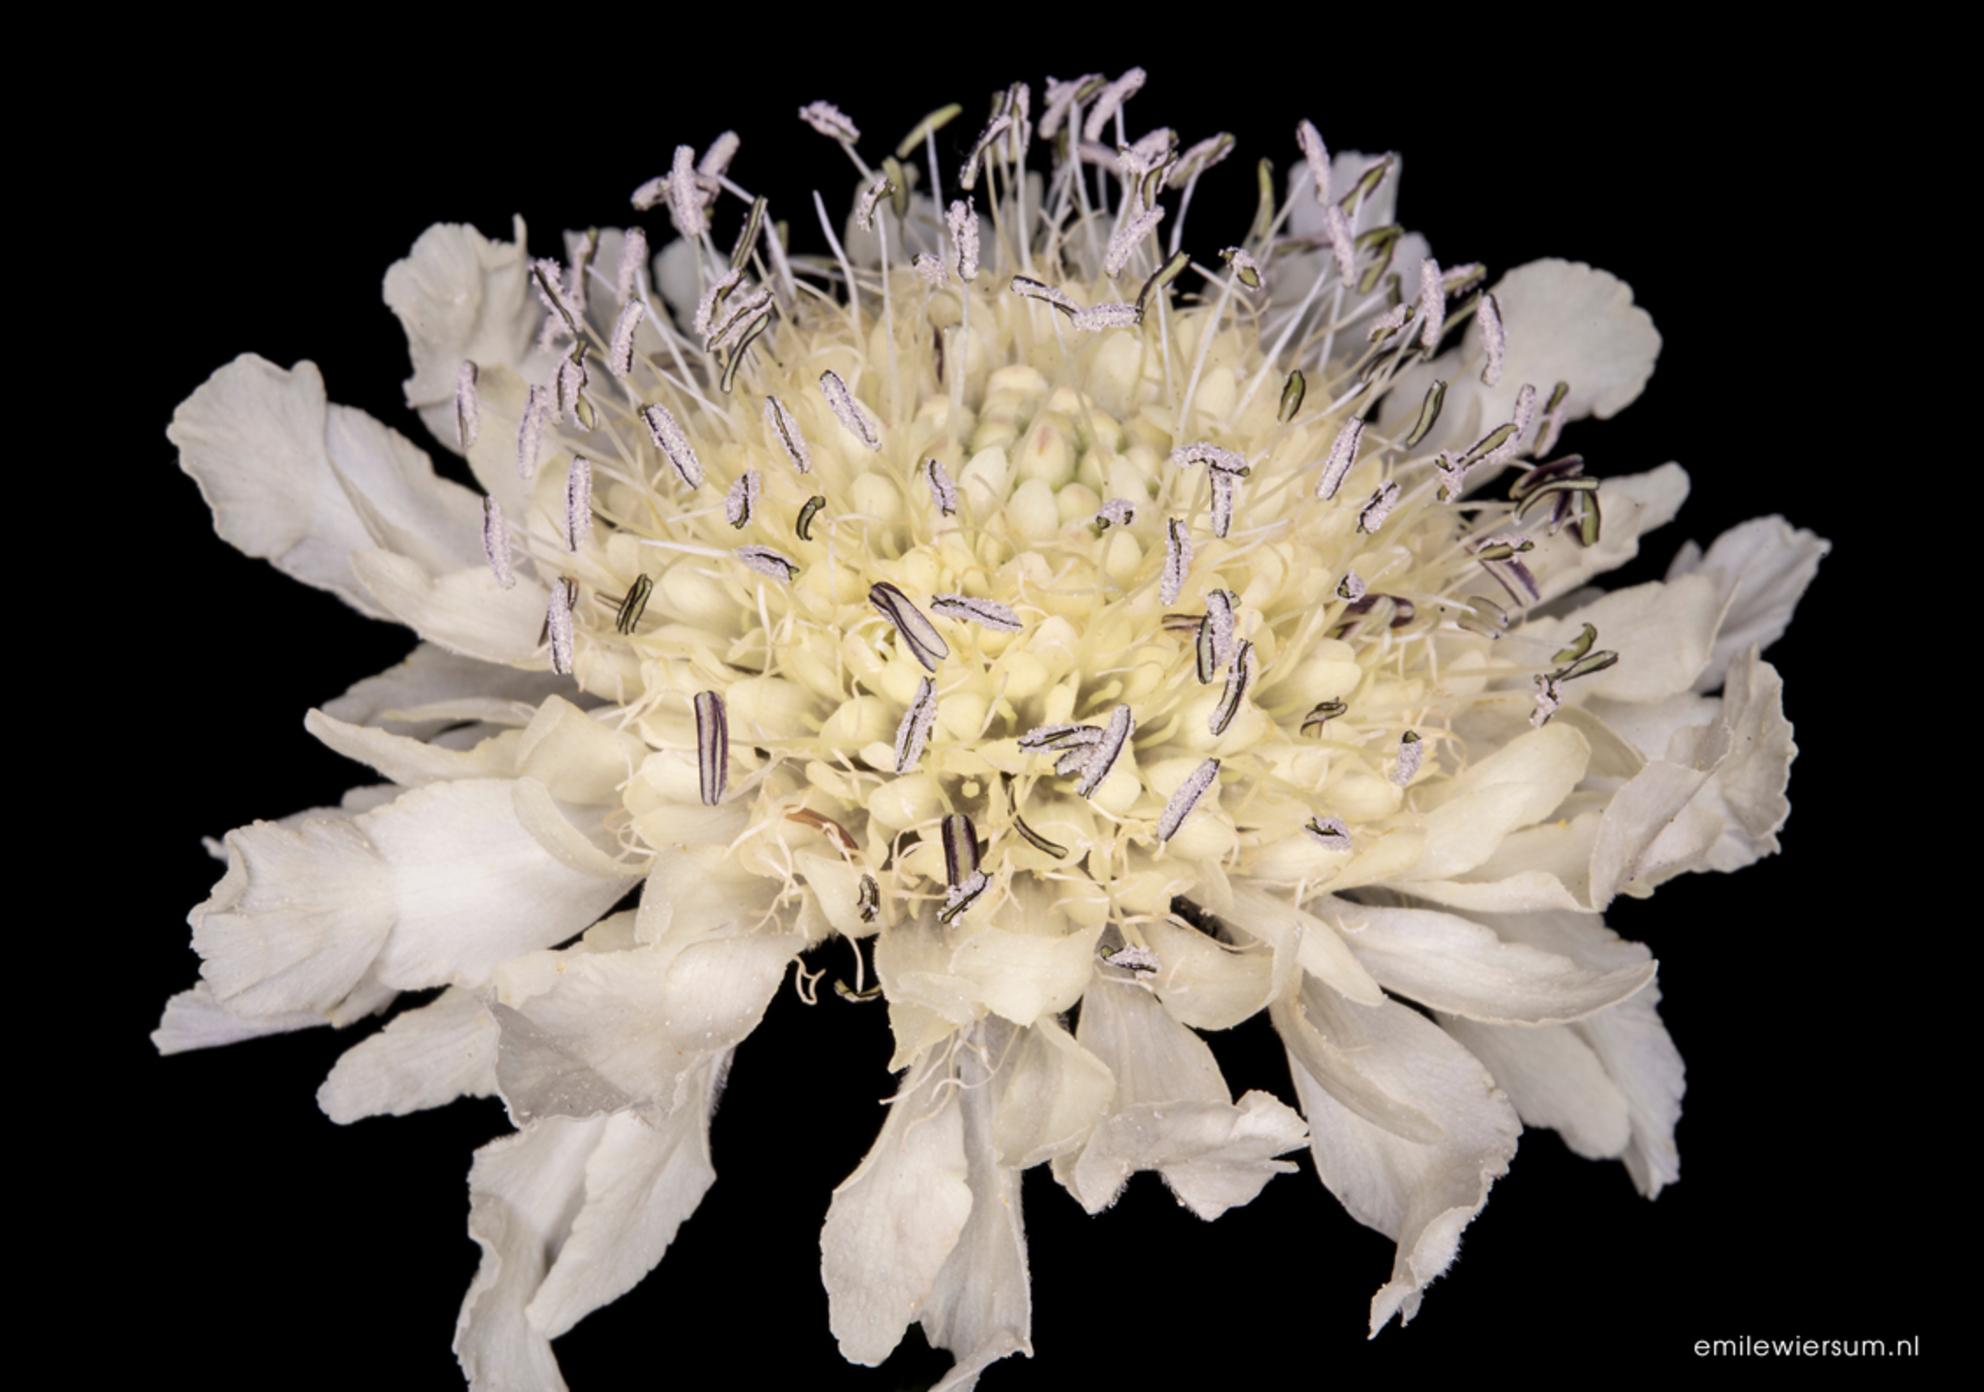 White flower - - - foto door emilewiersum op 26-06-2018 - deze foto bevat: groen, wit, zon, bloem, natuur, druppel, licht, zwart, zomer